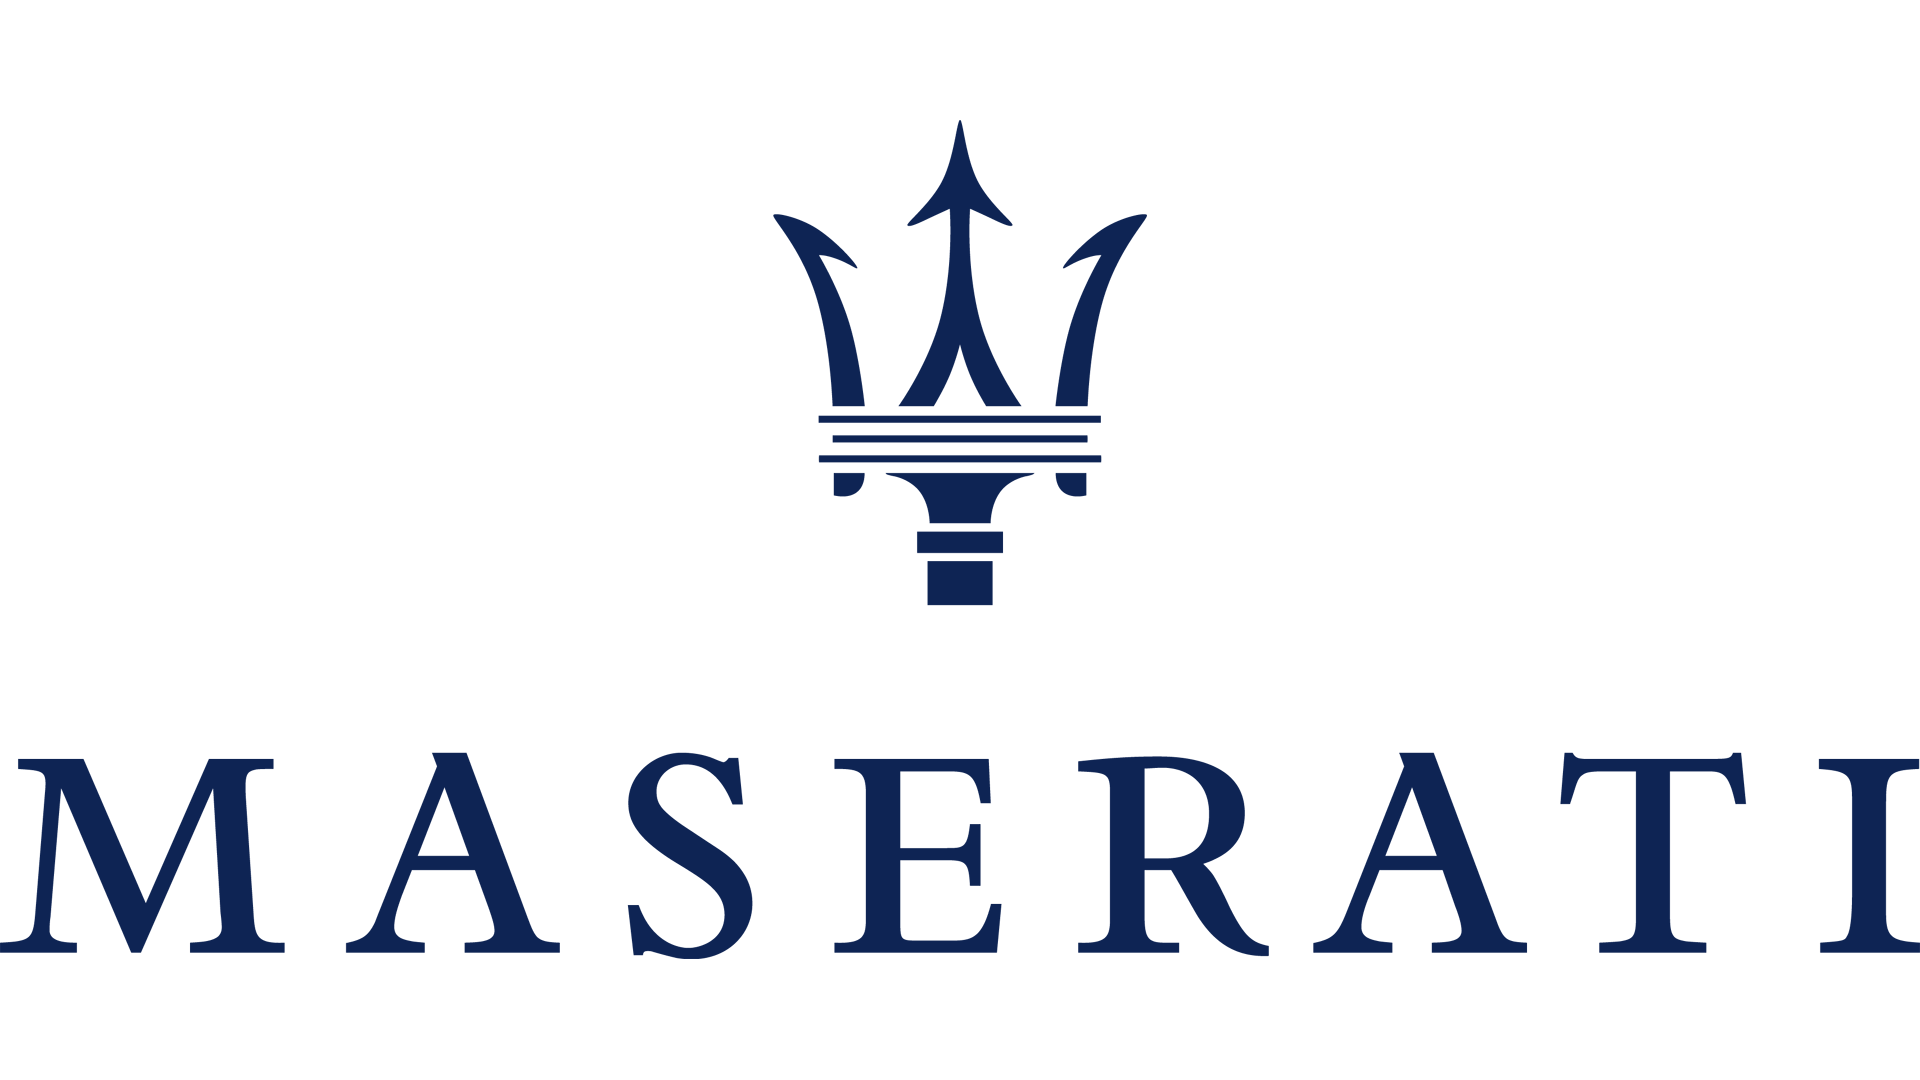 Maserati-logo-blue-1920x1080.png